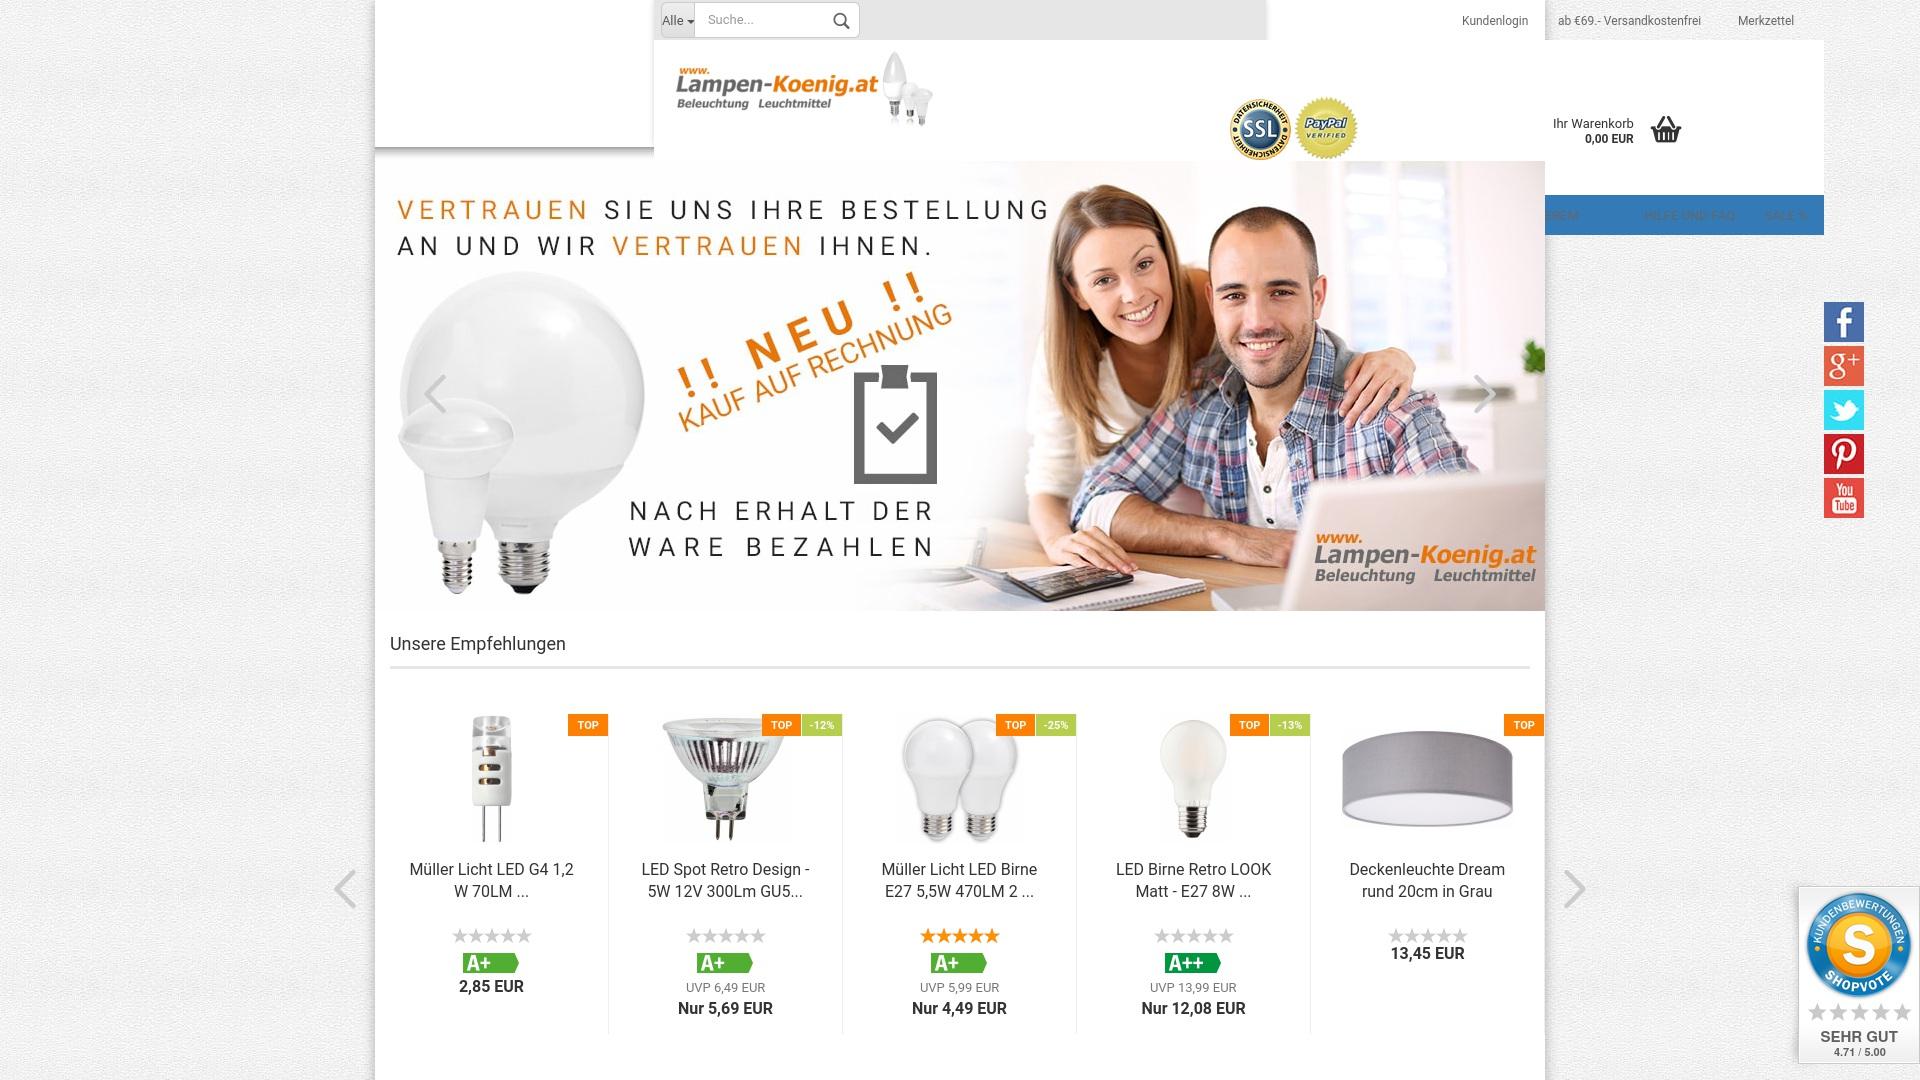 Gutschein für Lampen-koenig: Rabatte für  Lampen-koenig sichern